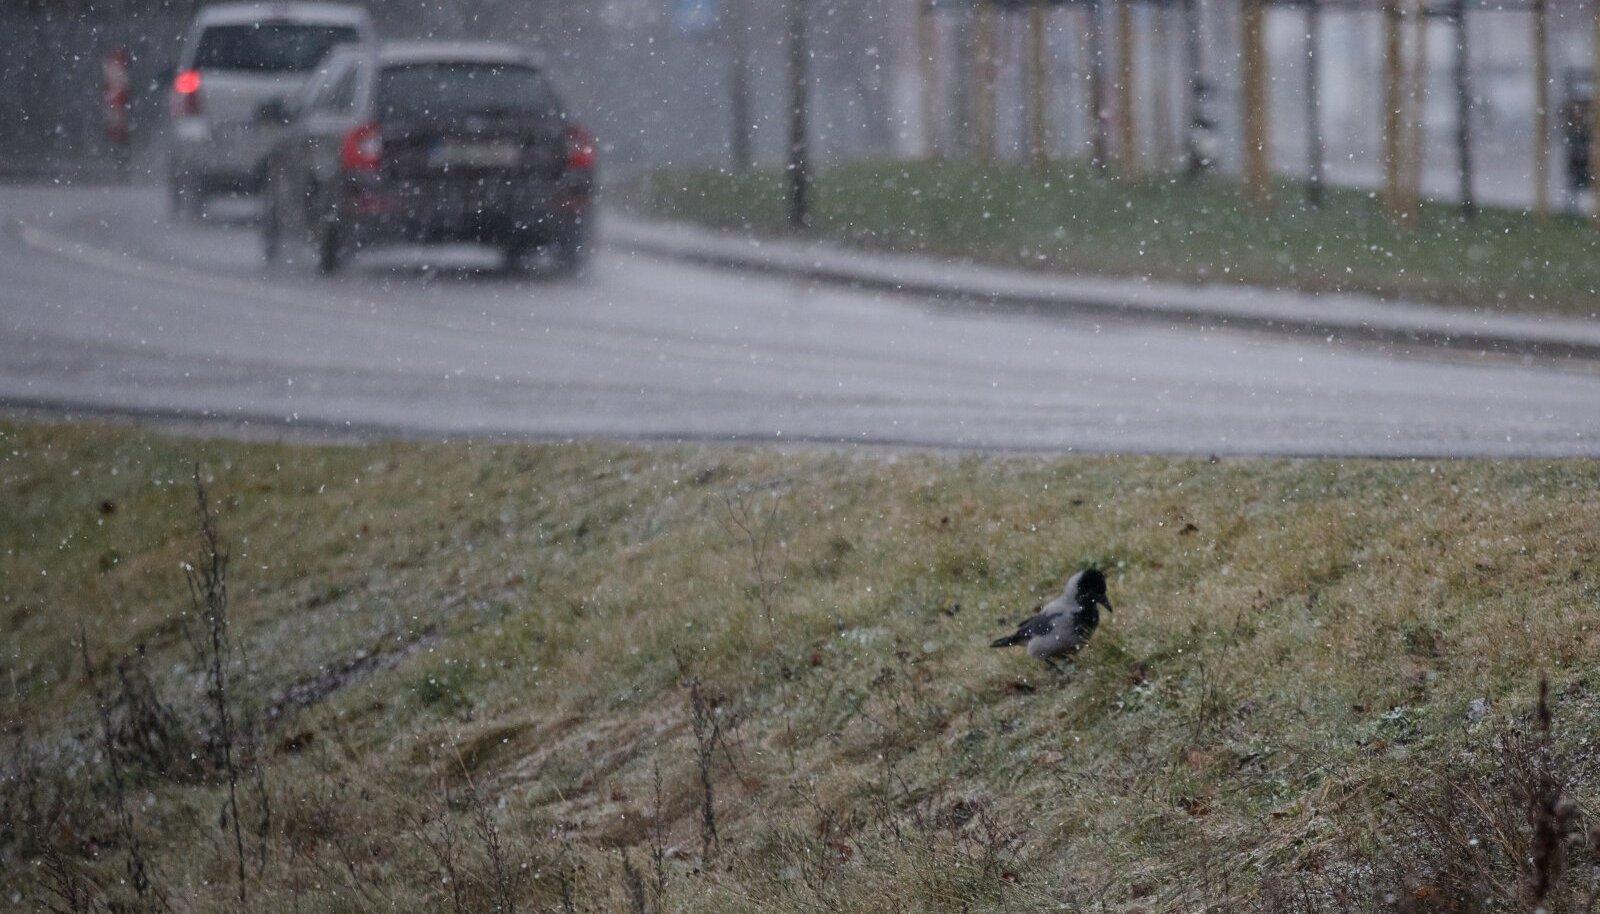 Tallinn, 26.12.2019. Tallinnas sadas hommikupoolikul suuri lumeräitsakaid.